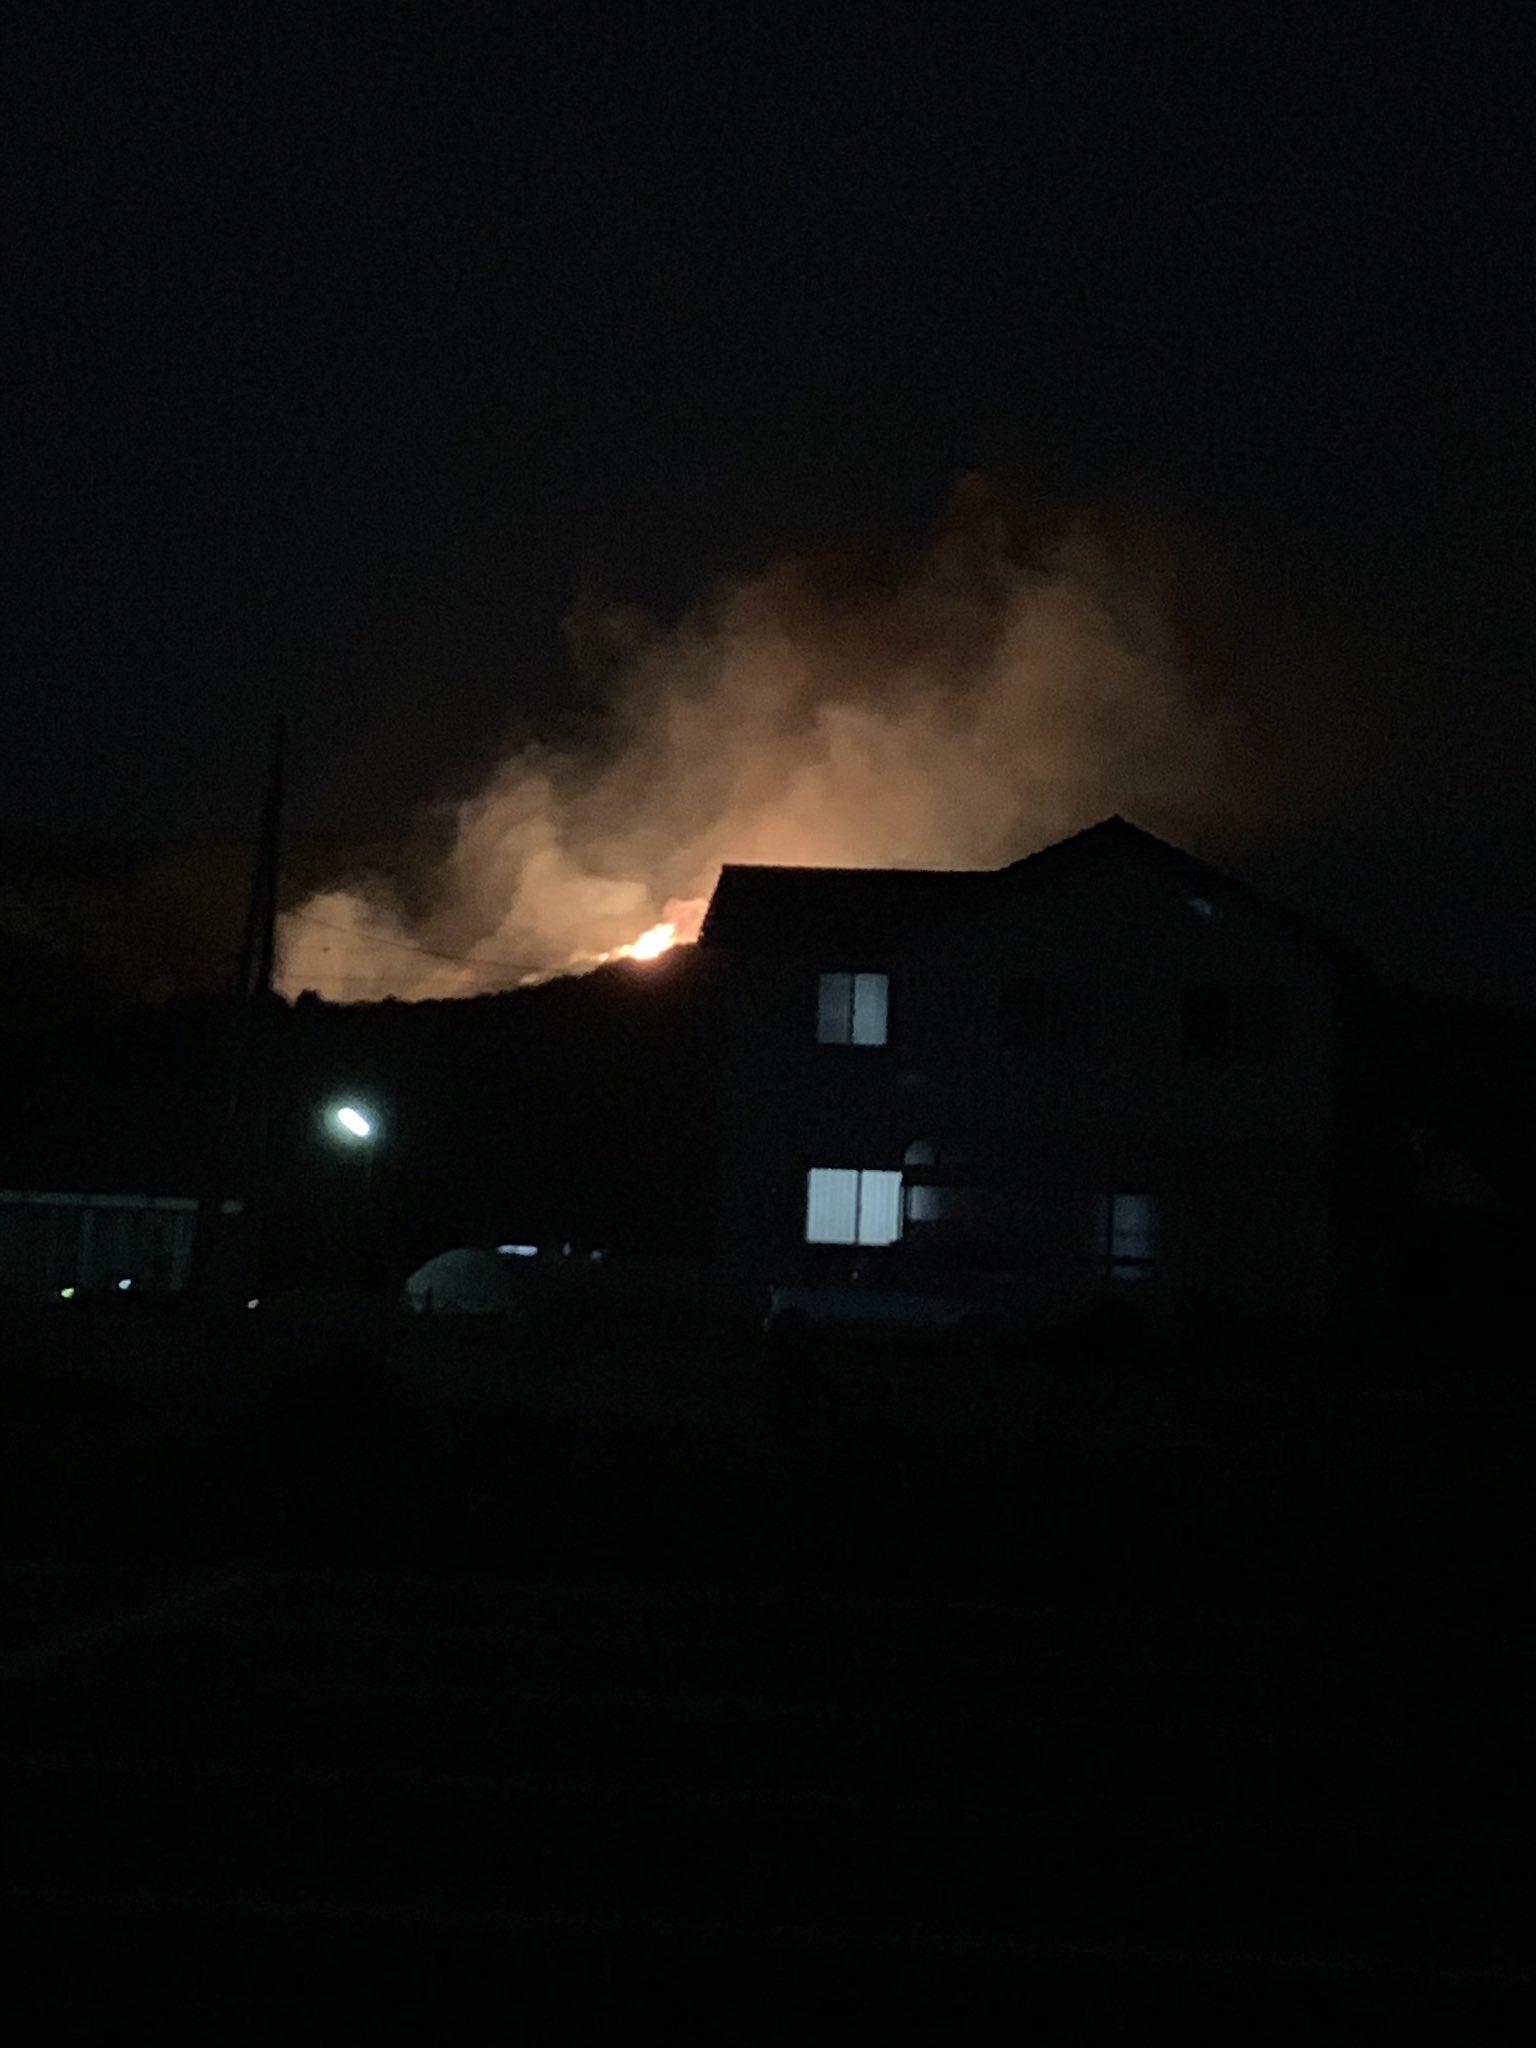 画像,山火事やばいなー https://t.co/pVX4reUU5C。